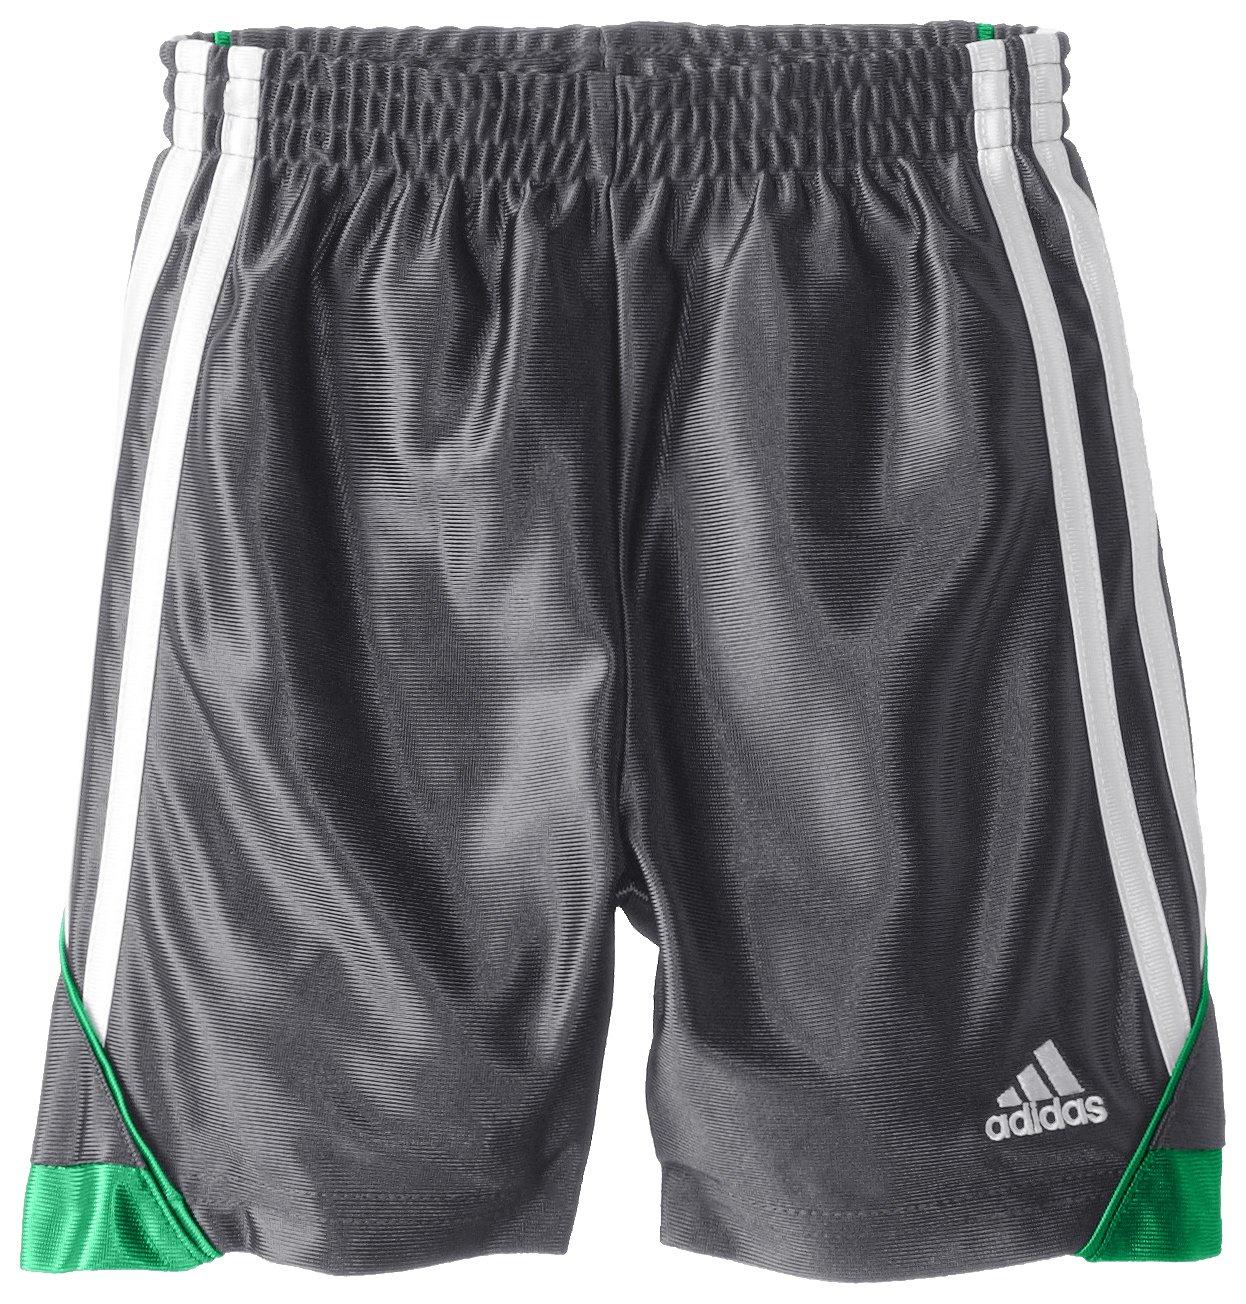 Adidas Little Boys' Speed Short, Dark Grey, 5 by adidas (Image #1)